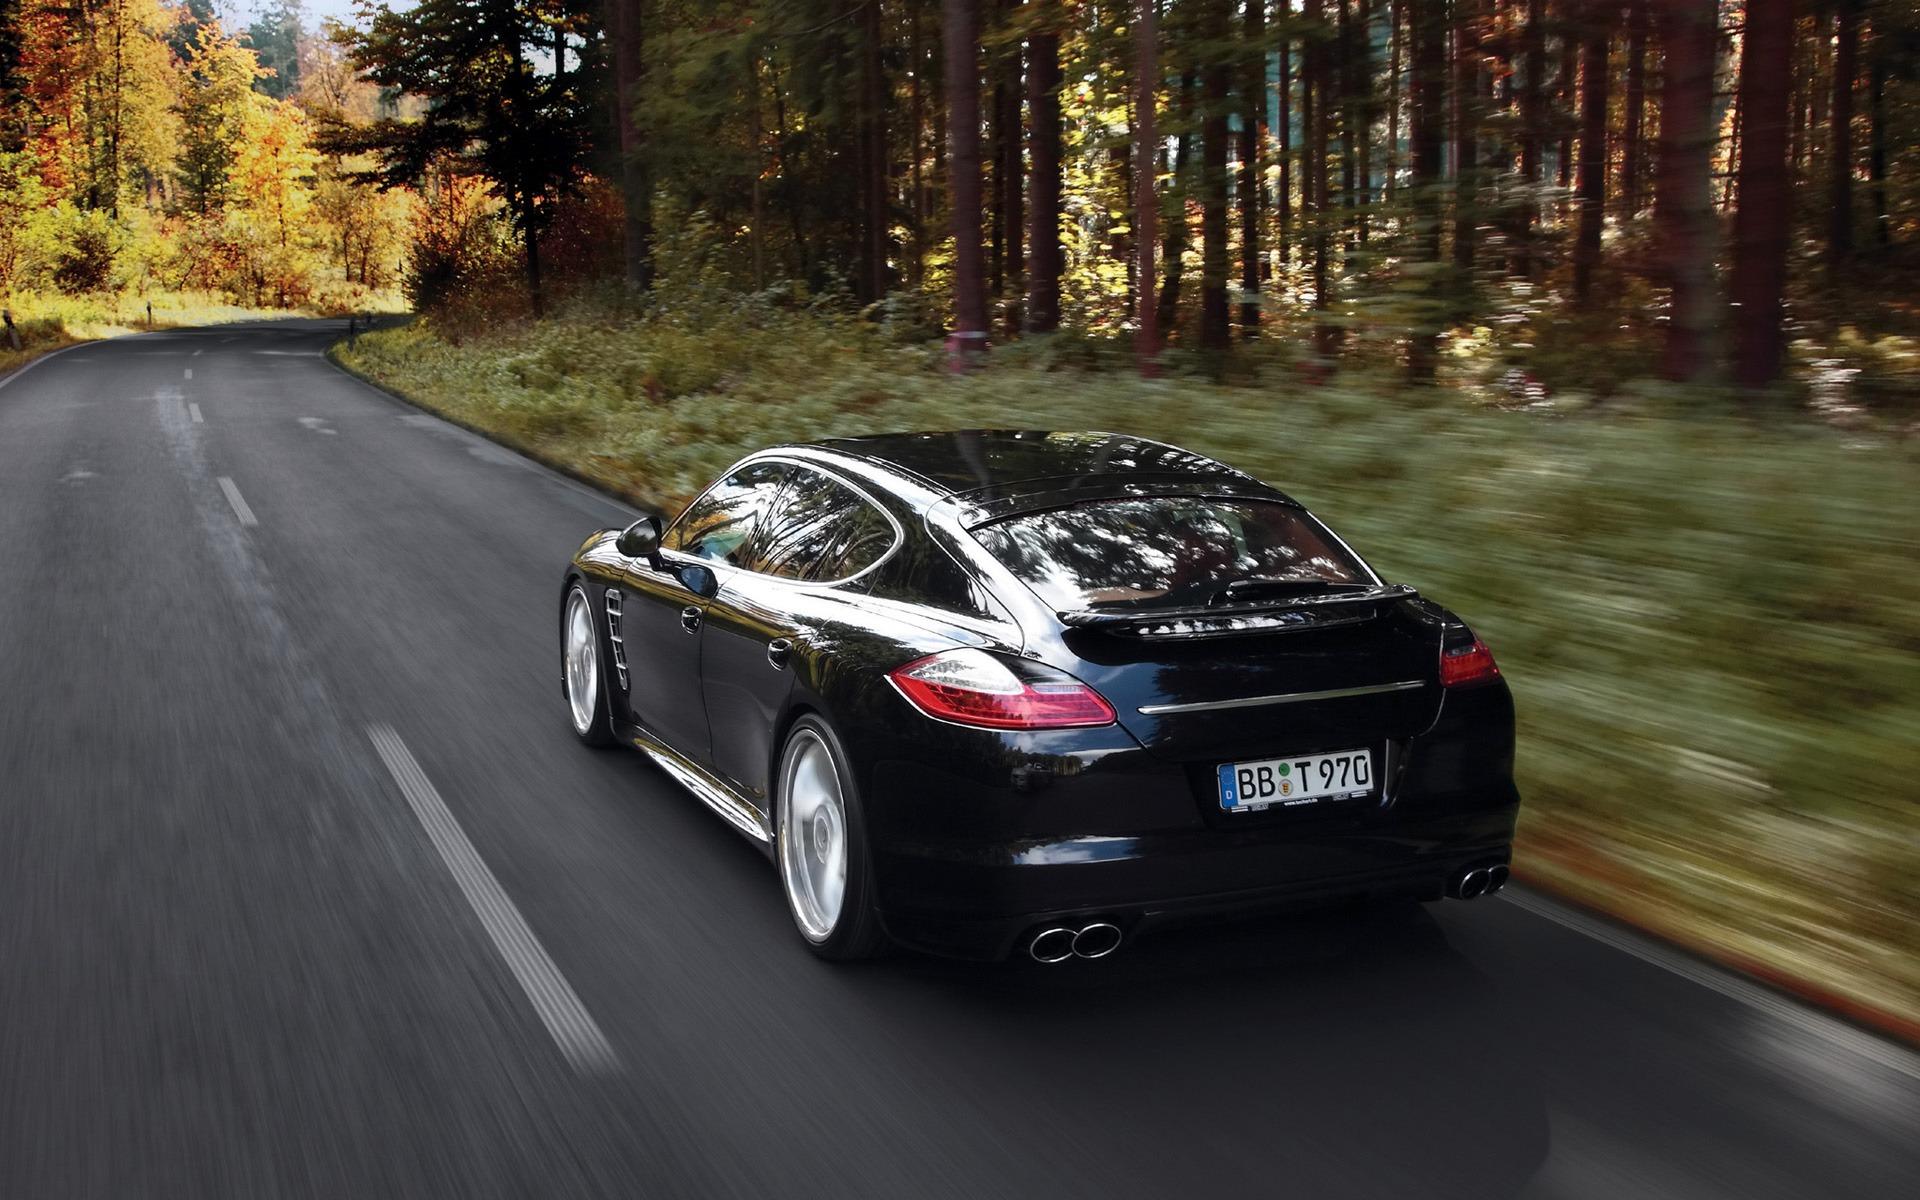 Techart Porsche Panamera Wallpaper Porsche Cars Wallpapers In Jpg